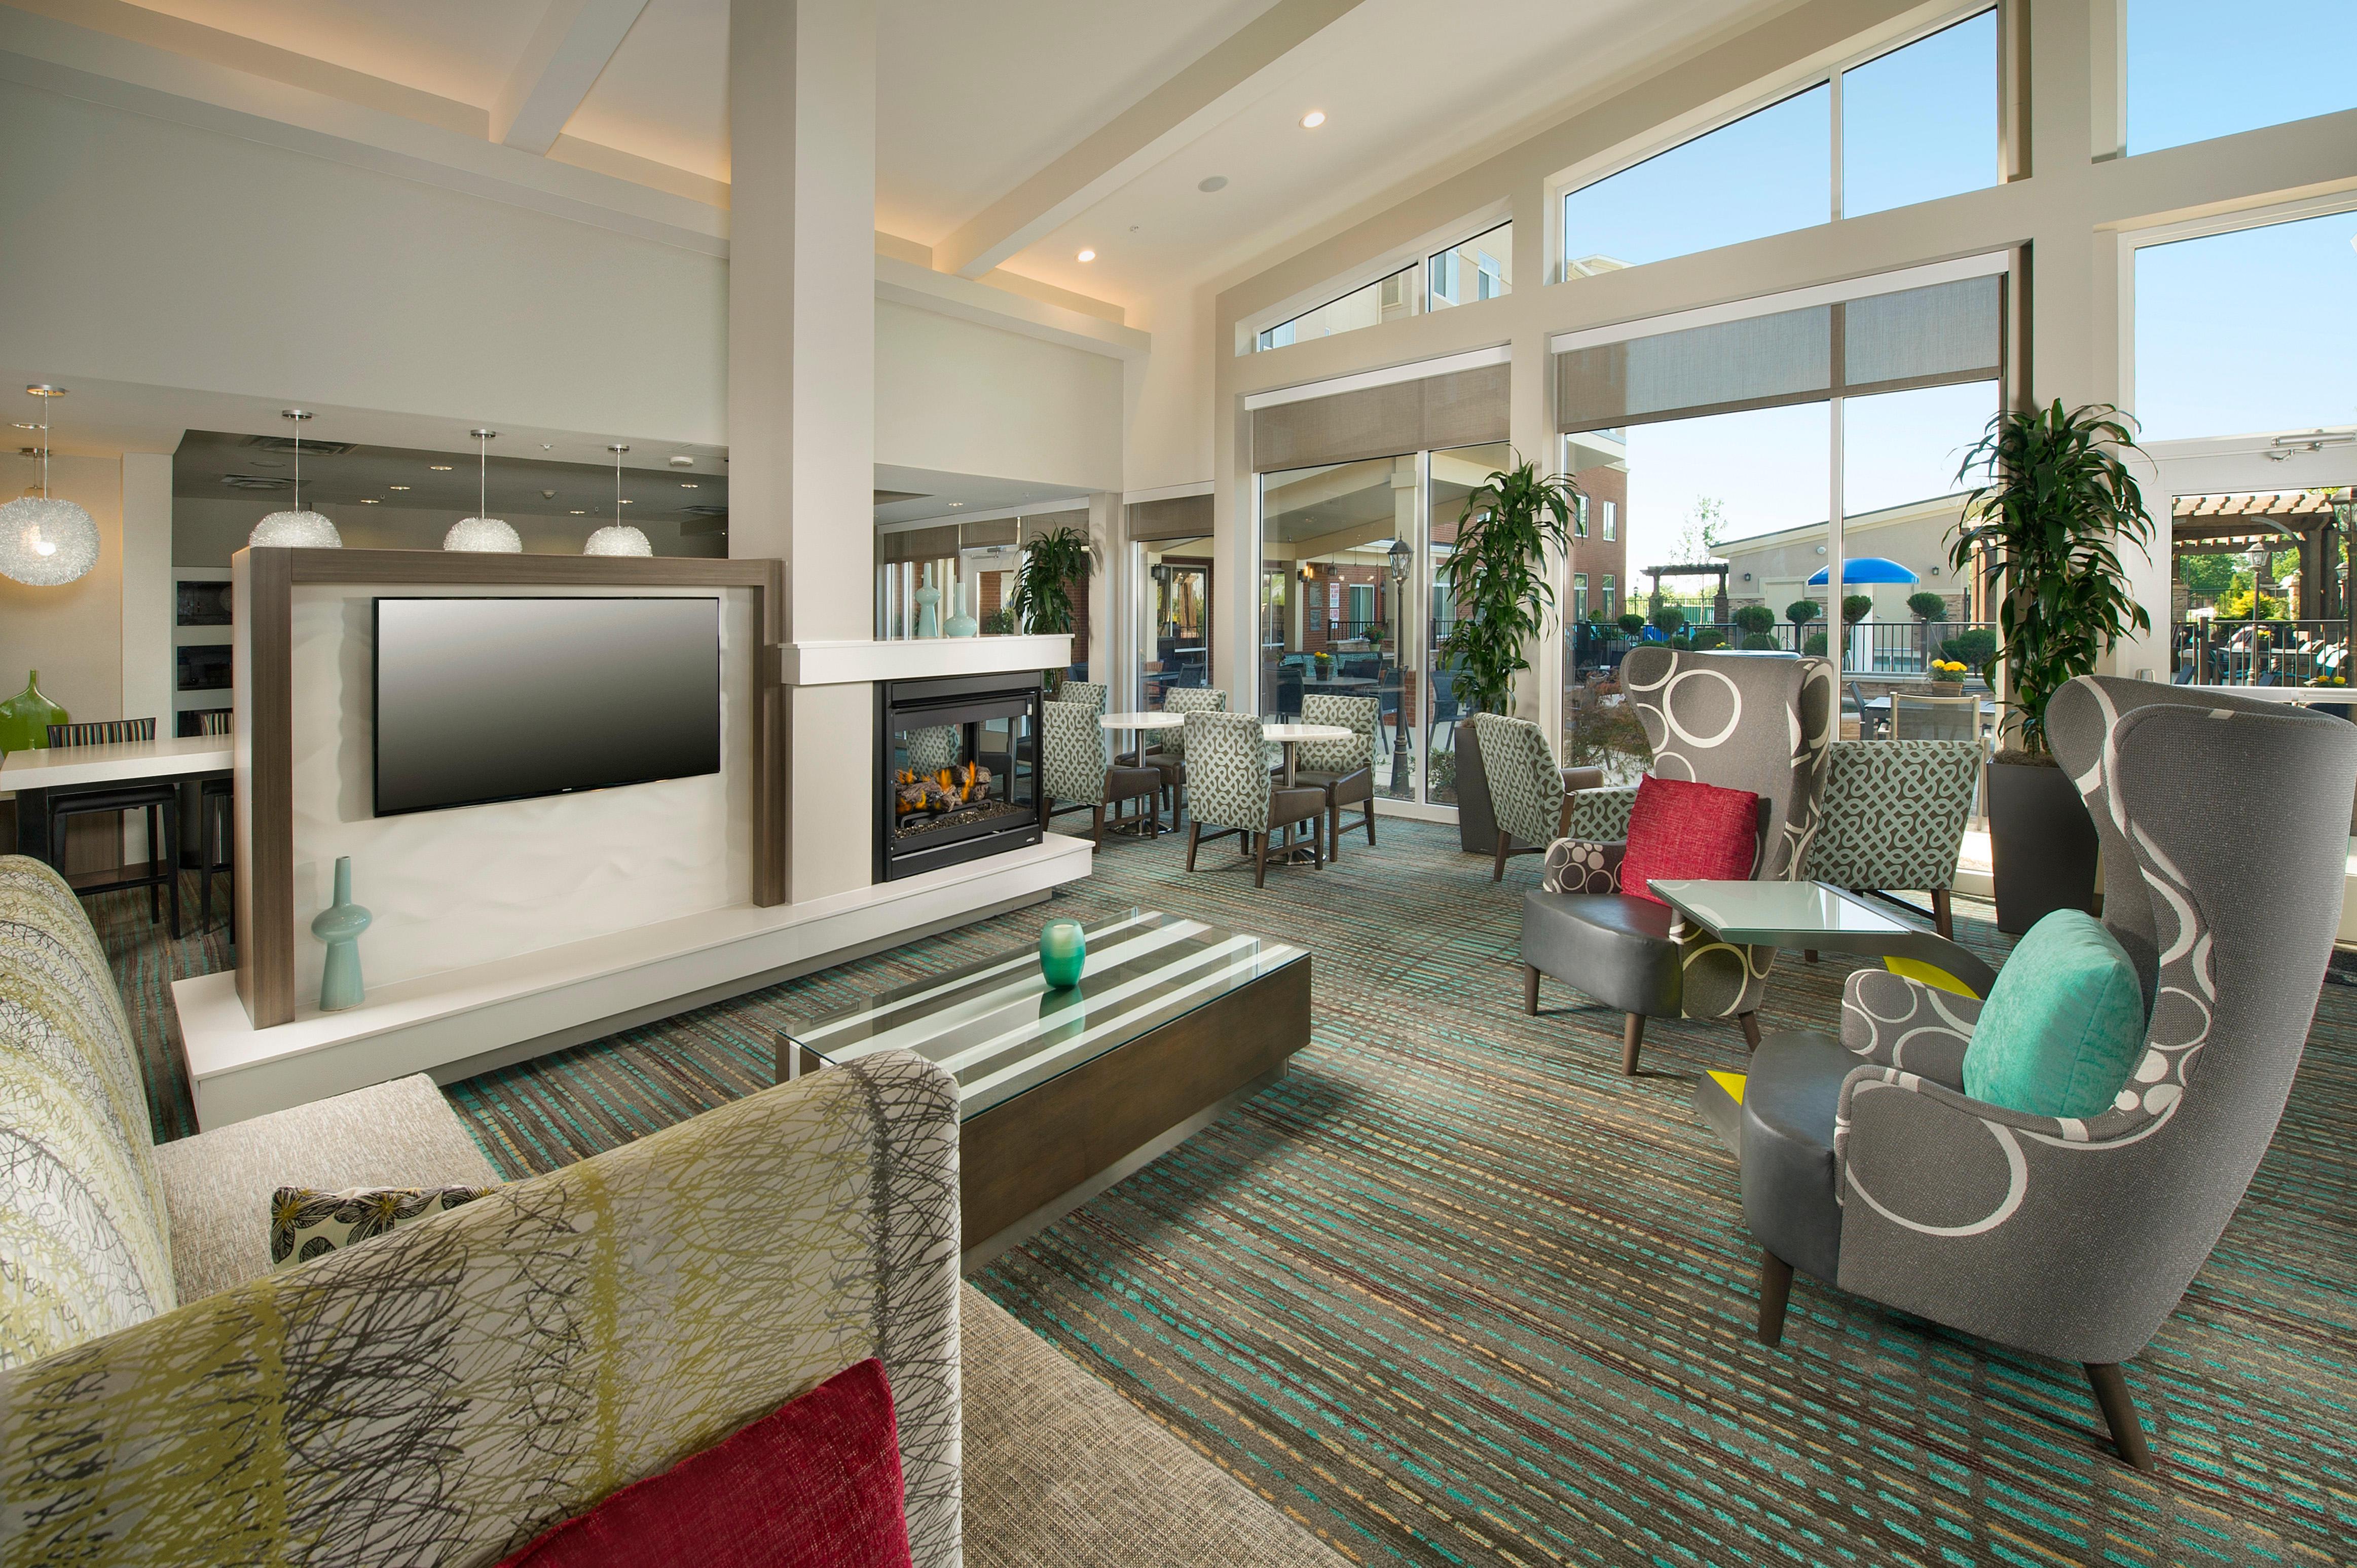 Residence Inn by Marriott Nashville SE/Murfreesboro image 4